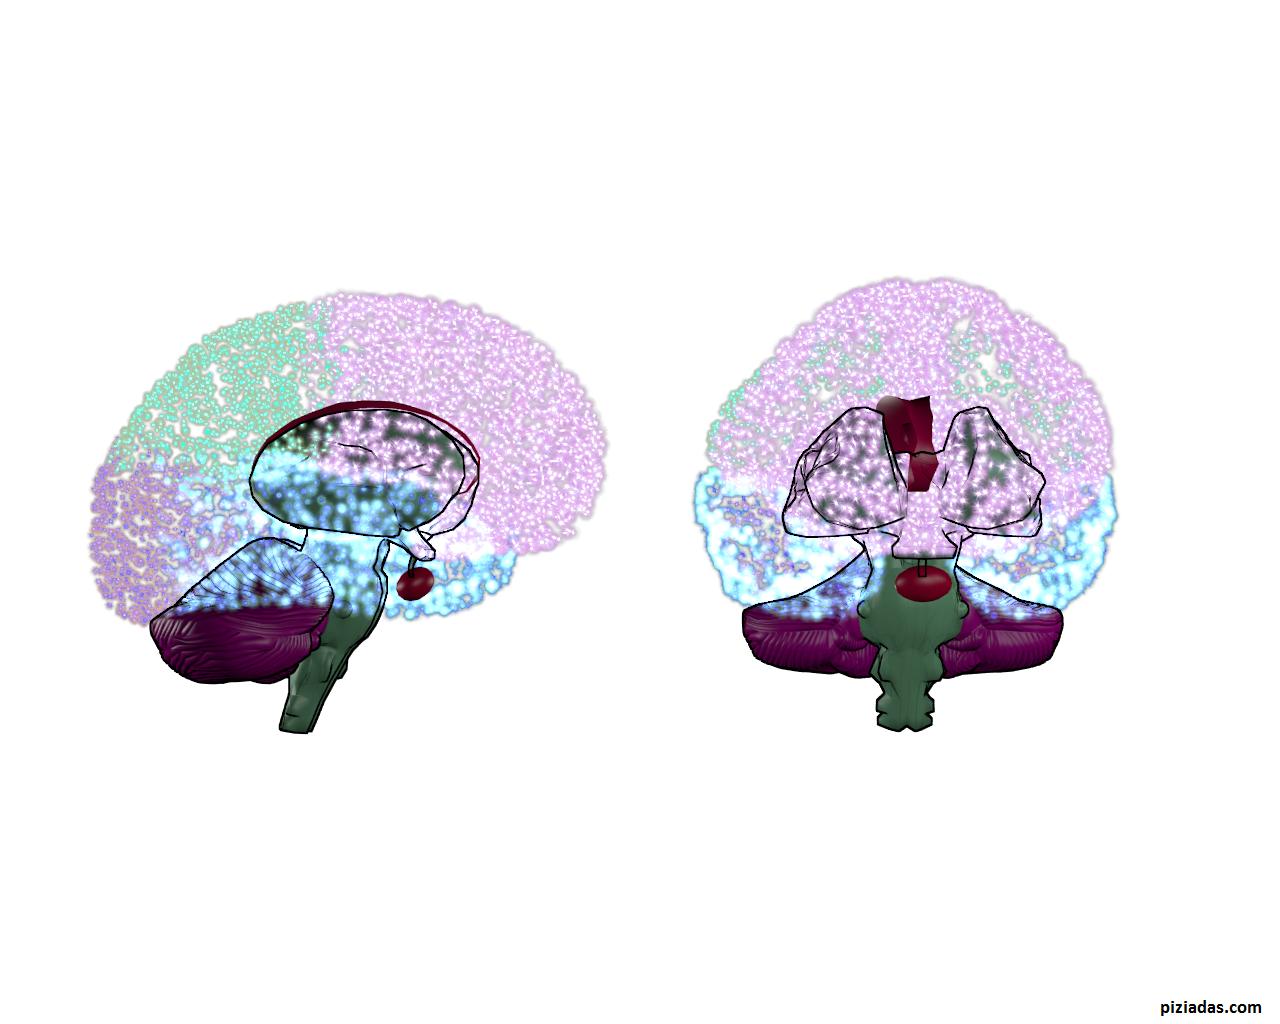 Cerebro II [ Wallpaper ] [ Imagen ] – PIZiadas gráficas